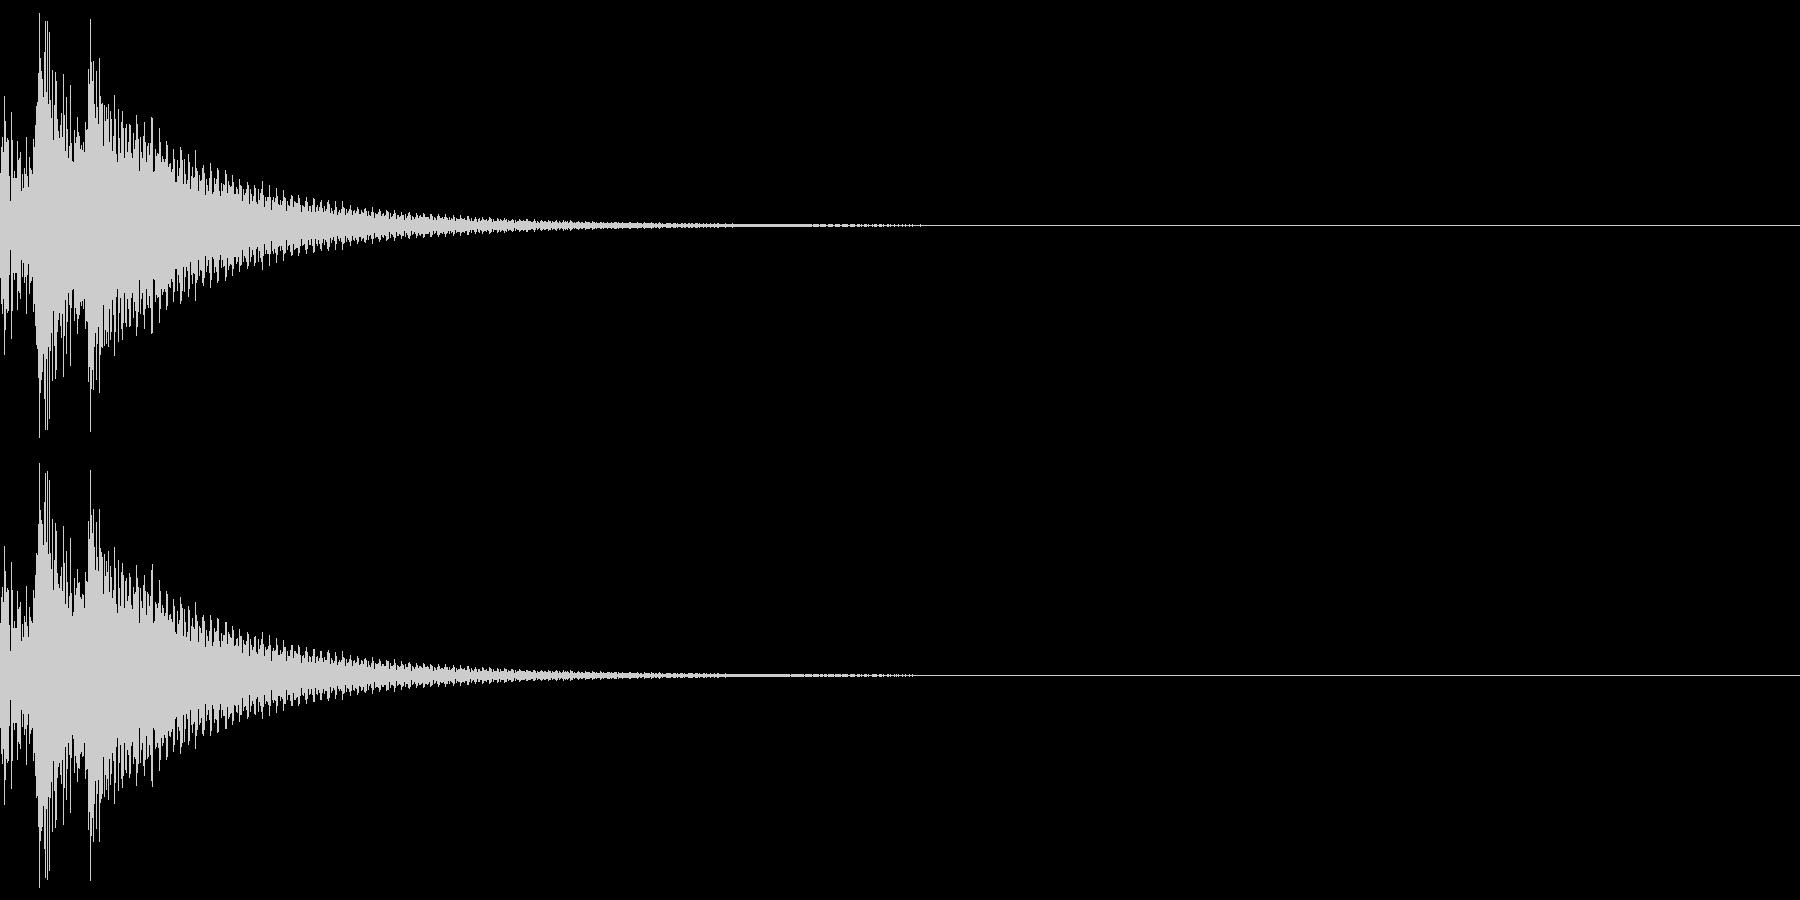 しっくりくるゲーム操作音01_キャンセルの未再生の波形